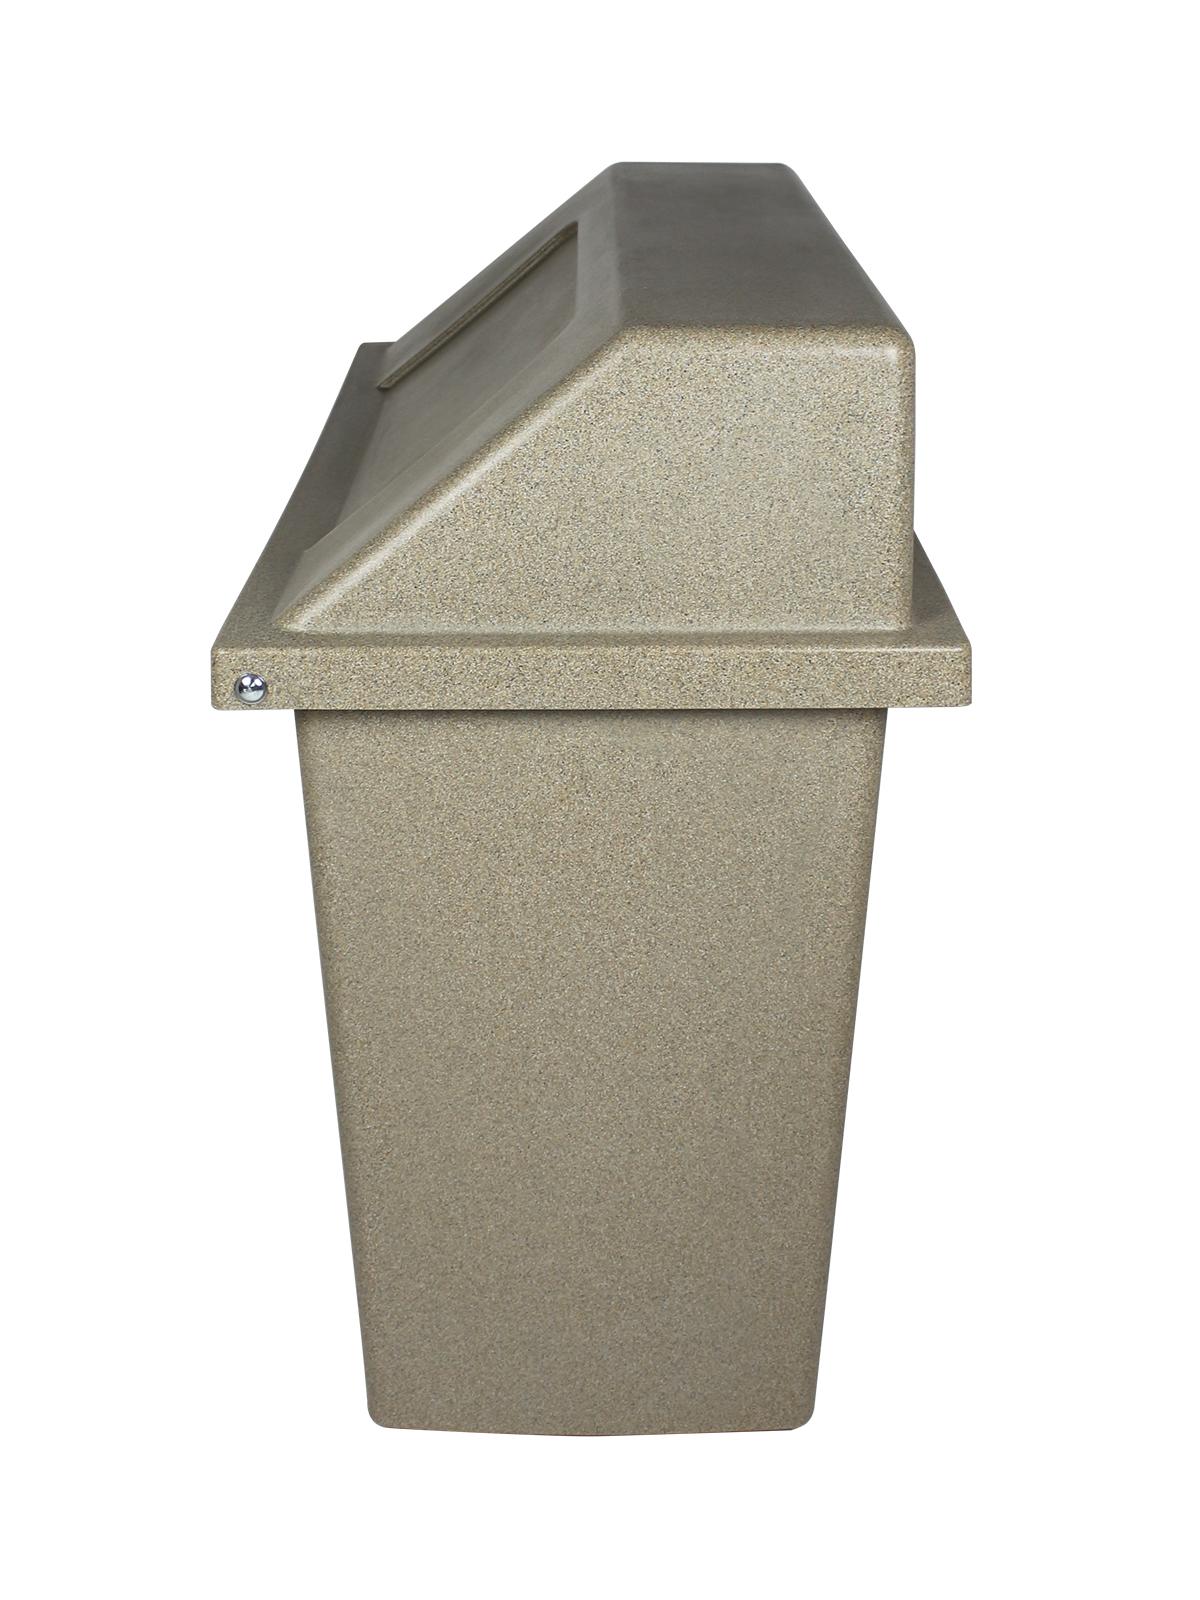 SUPER SORTER - Triple - Cans & Bottles-Paper-Waste - Circle-Slot-Full - Sandstone